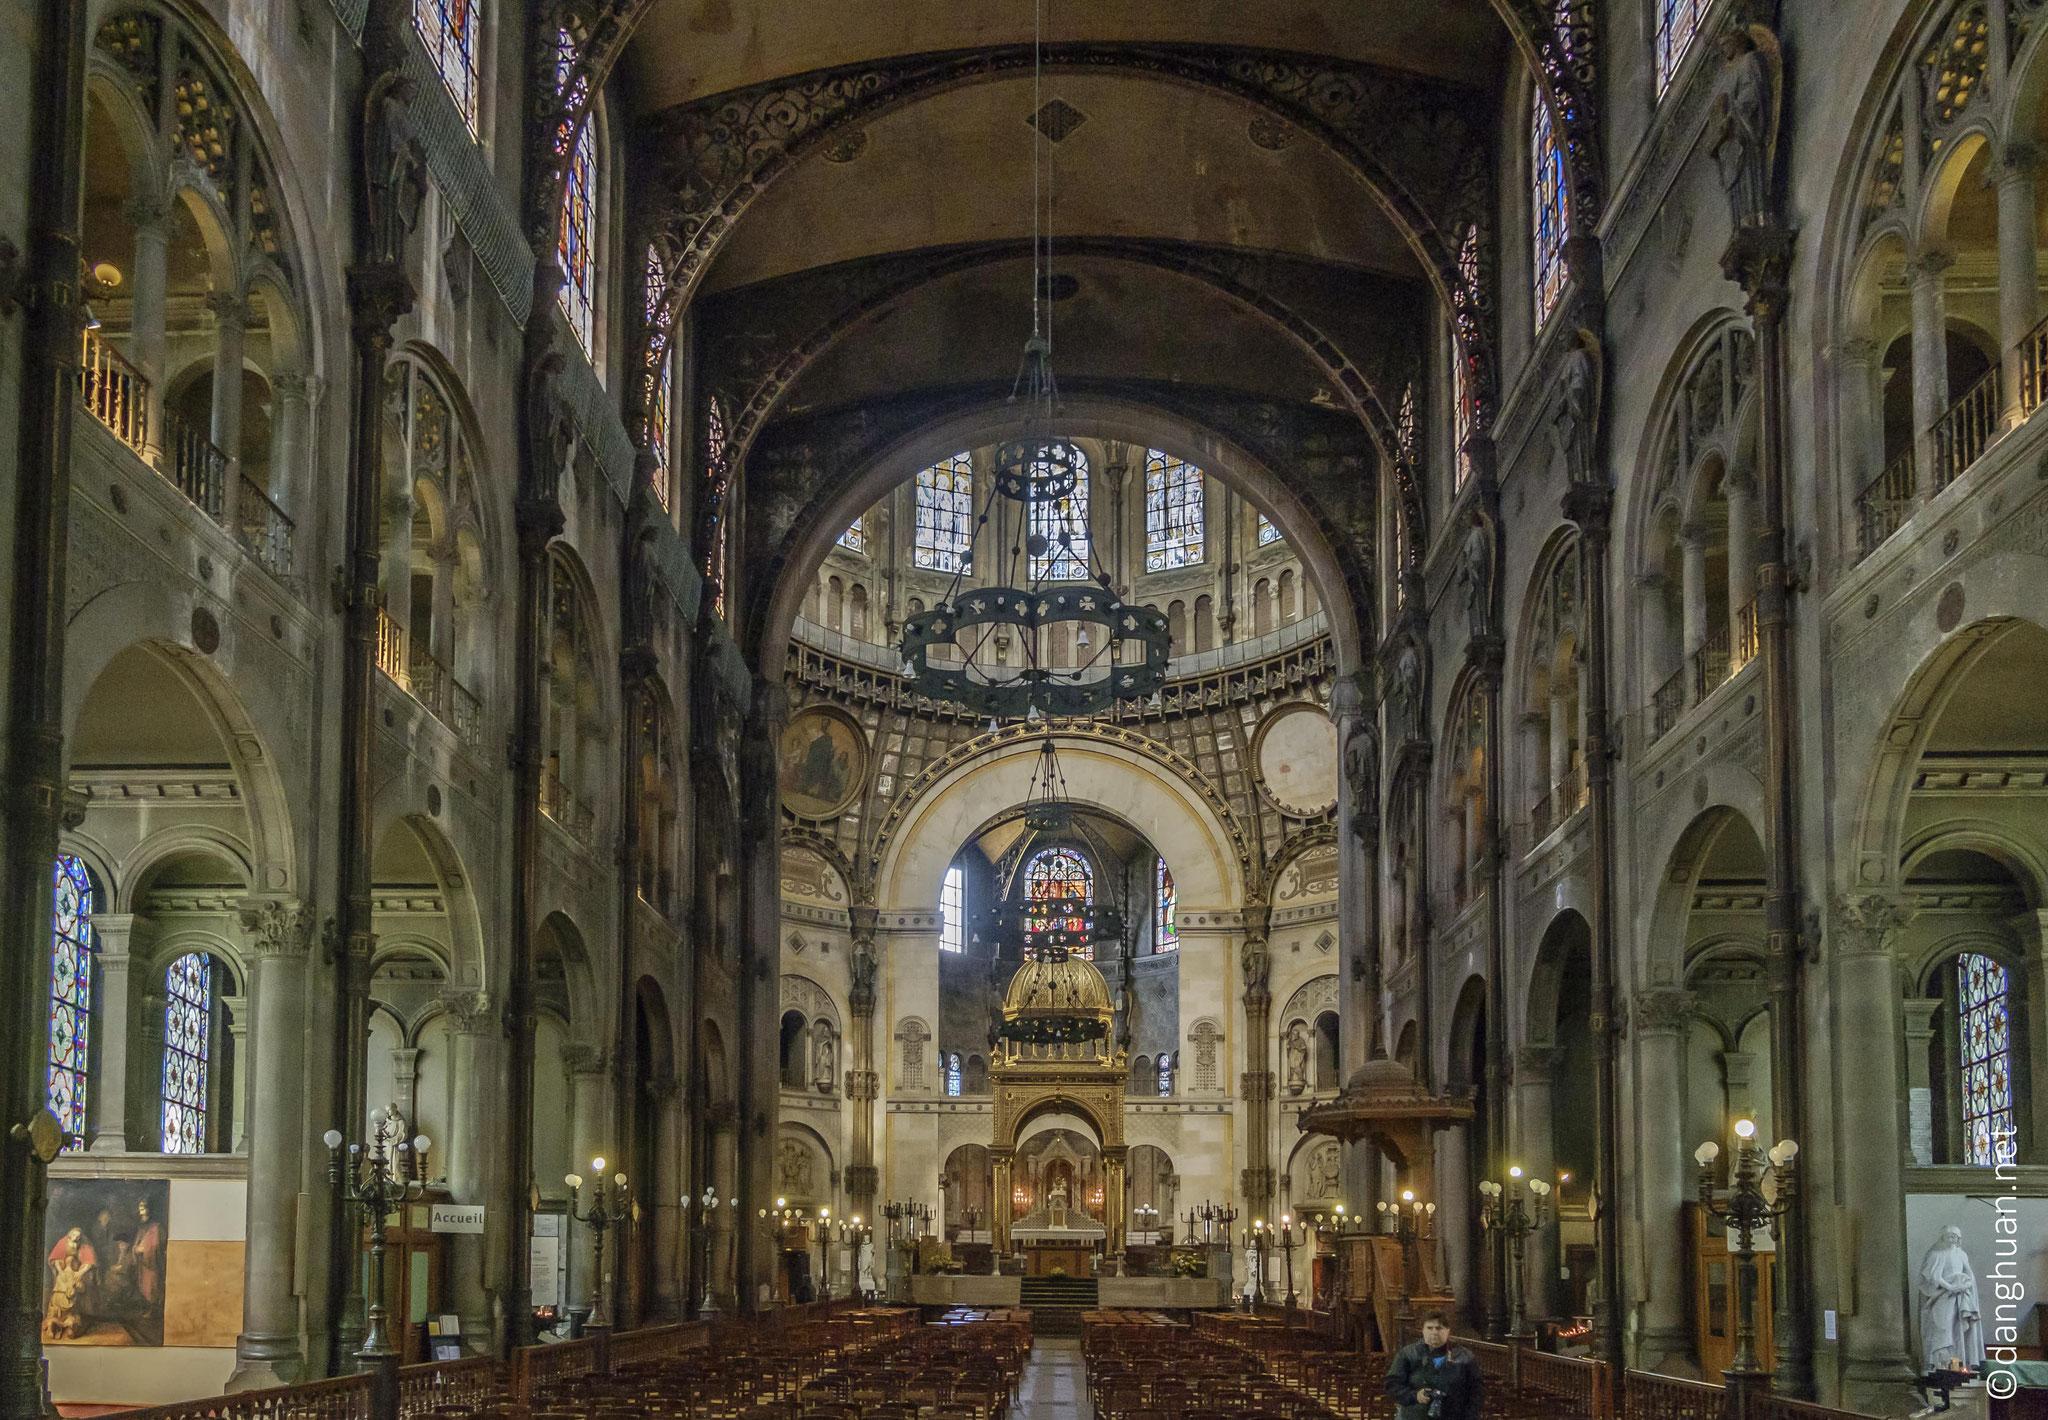 Eglise St Augustin - son originalité réside dans sa structure plus que dans son style éclectique inspiré des arts roman et byzantin